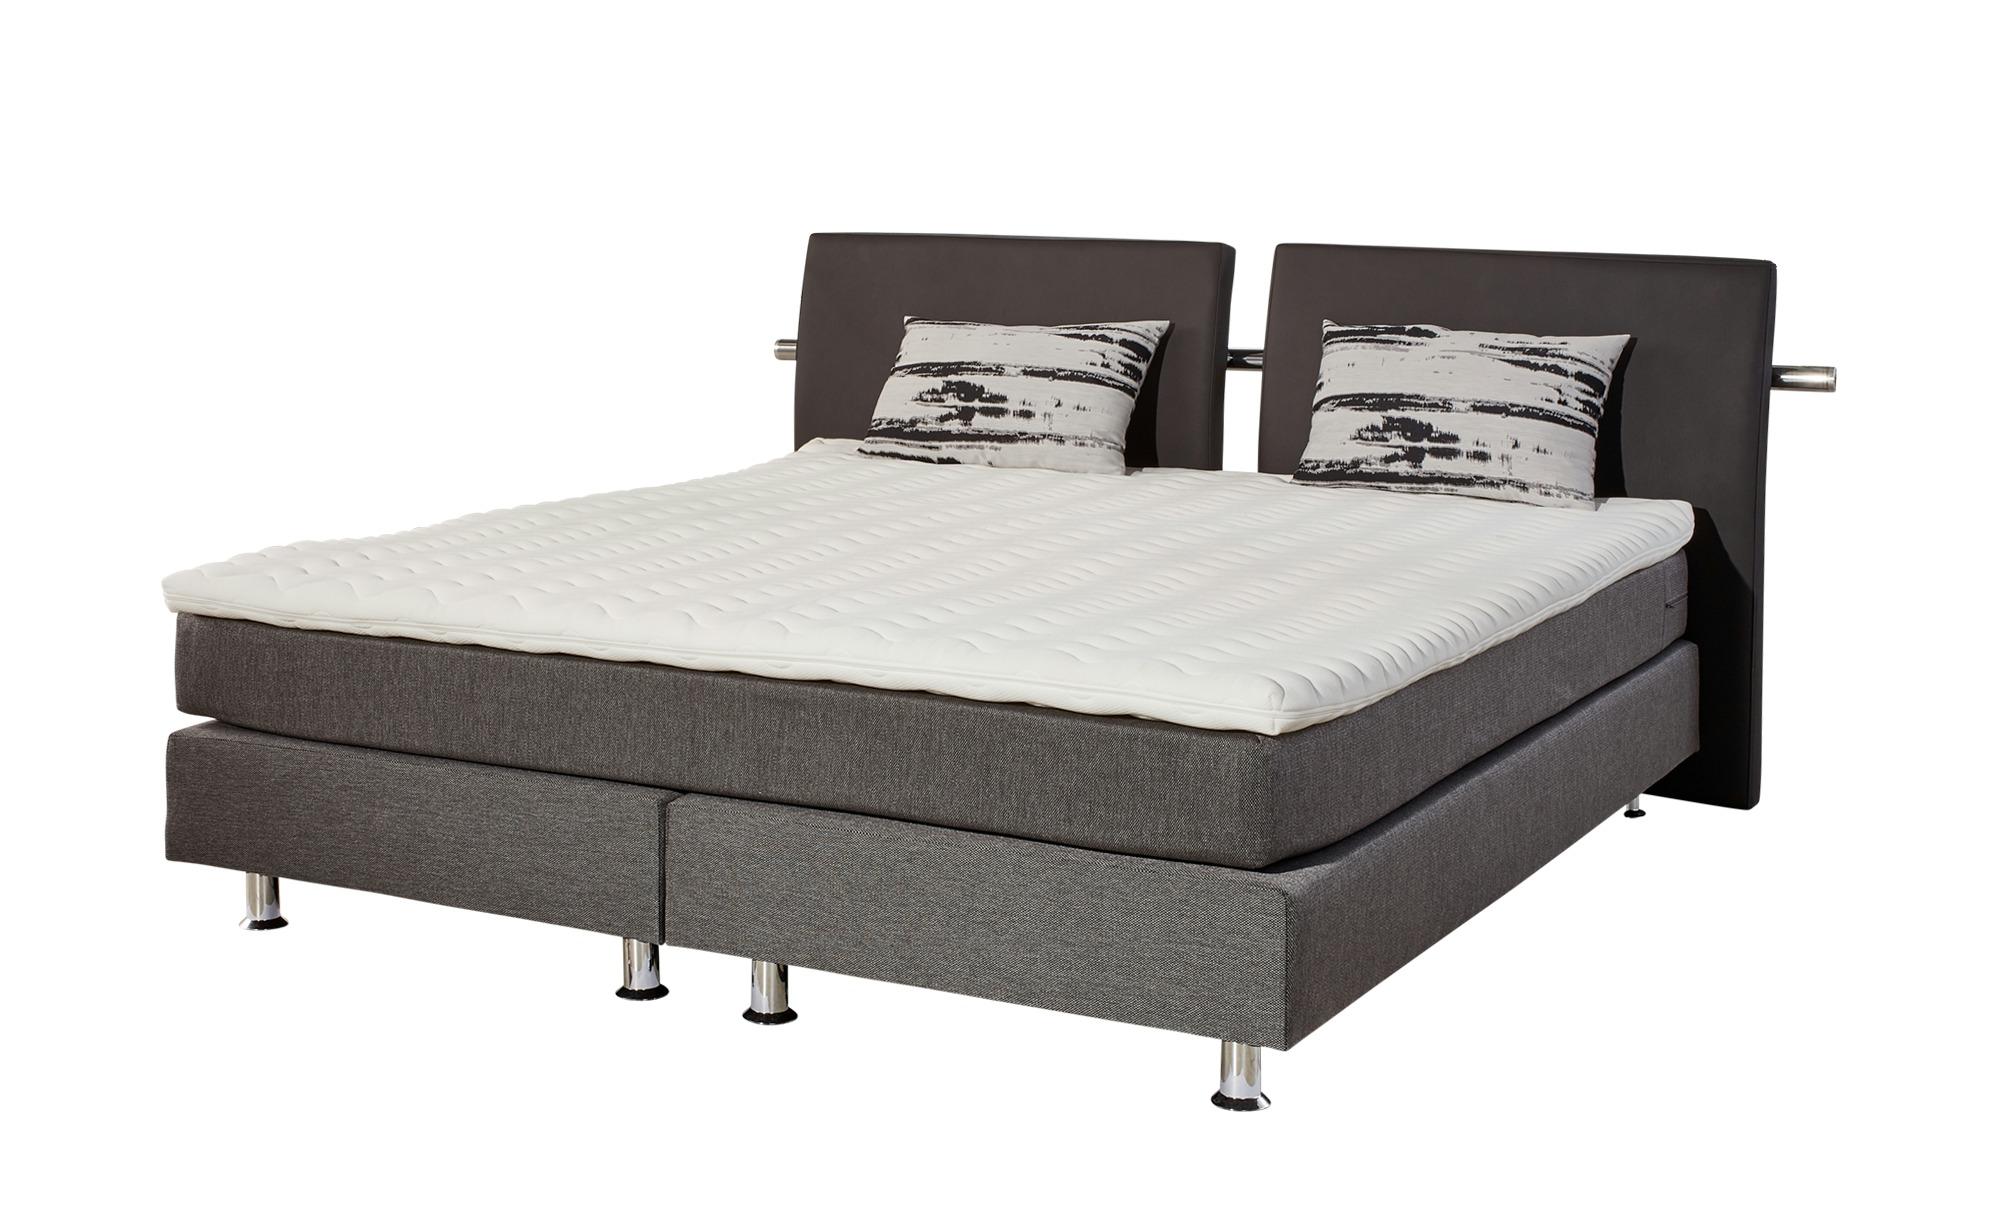 4dd9f64335 Boxspringbett 140x200 grau - grau - 160 cm - 102 cm - Betten >  Boxspringbetten - Möbel Kraft